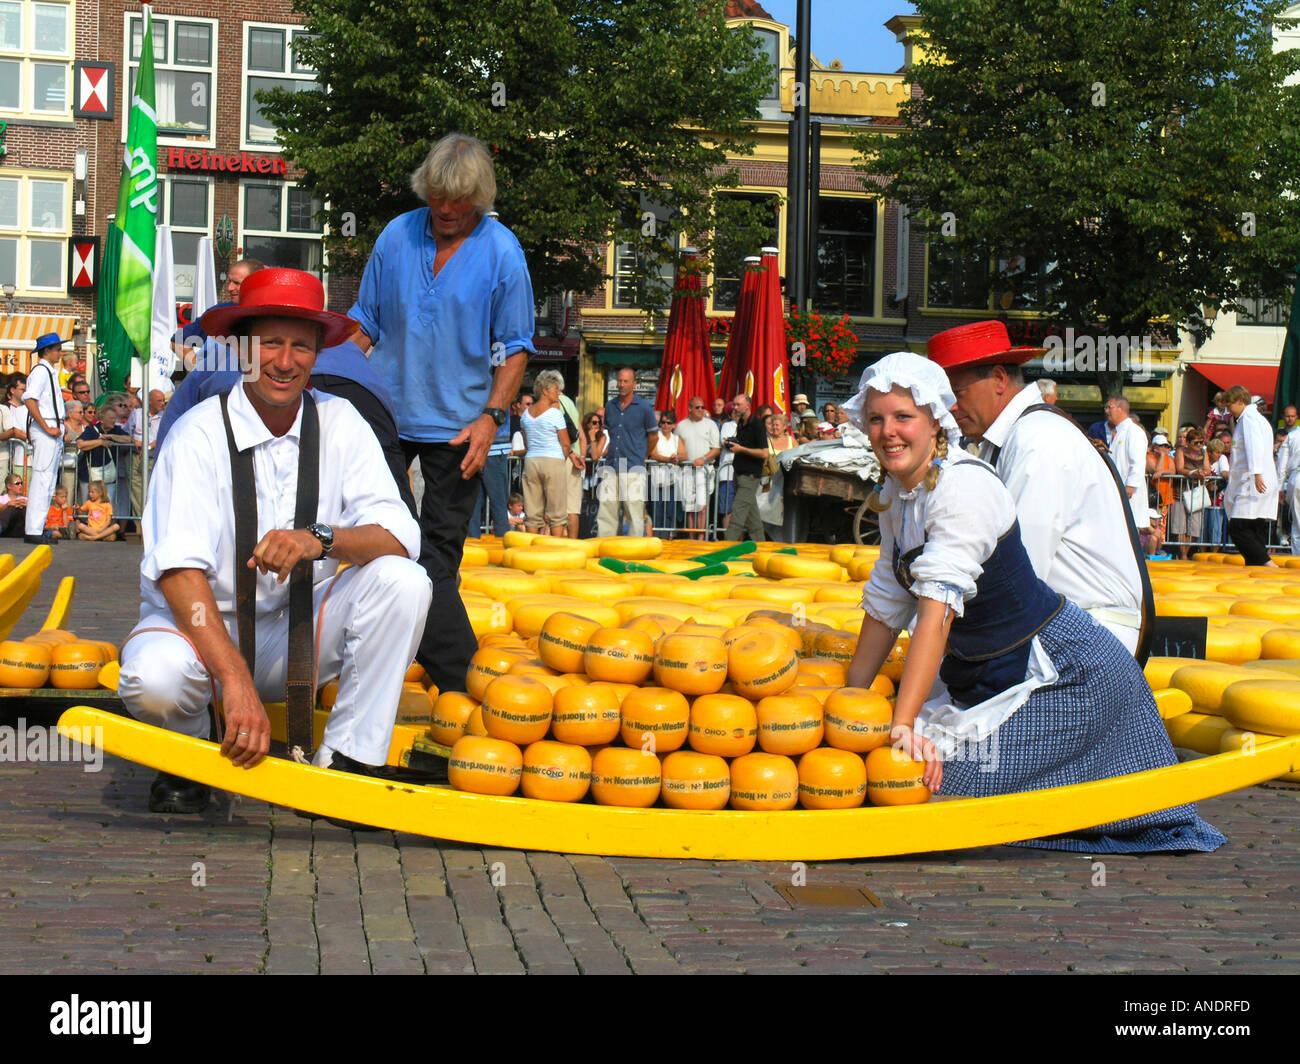 Mercado De Quesos De Alkmaar Holanda Países Bajos Fotografía De Stock Alamy